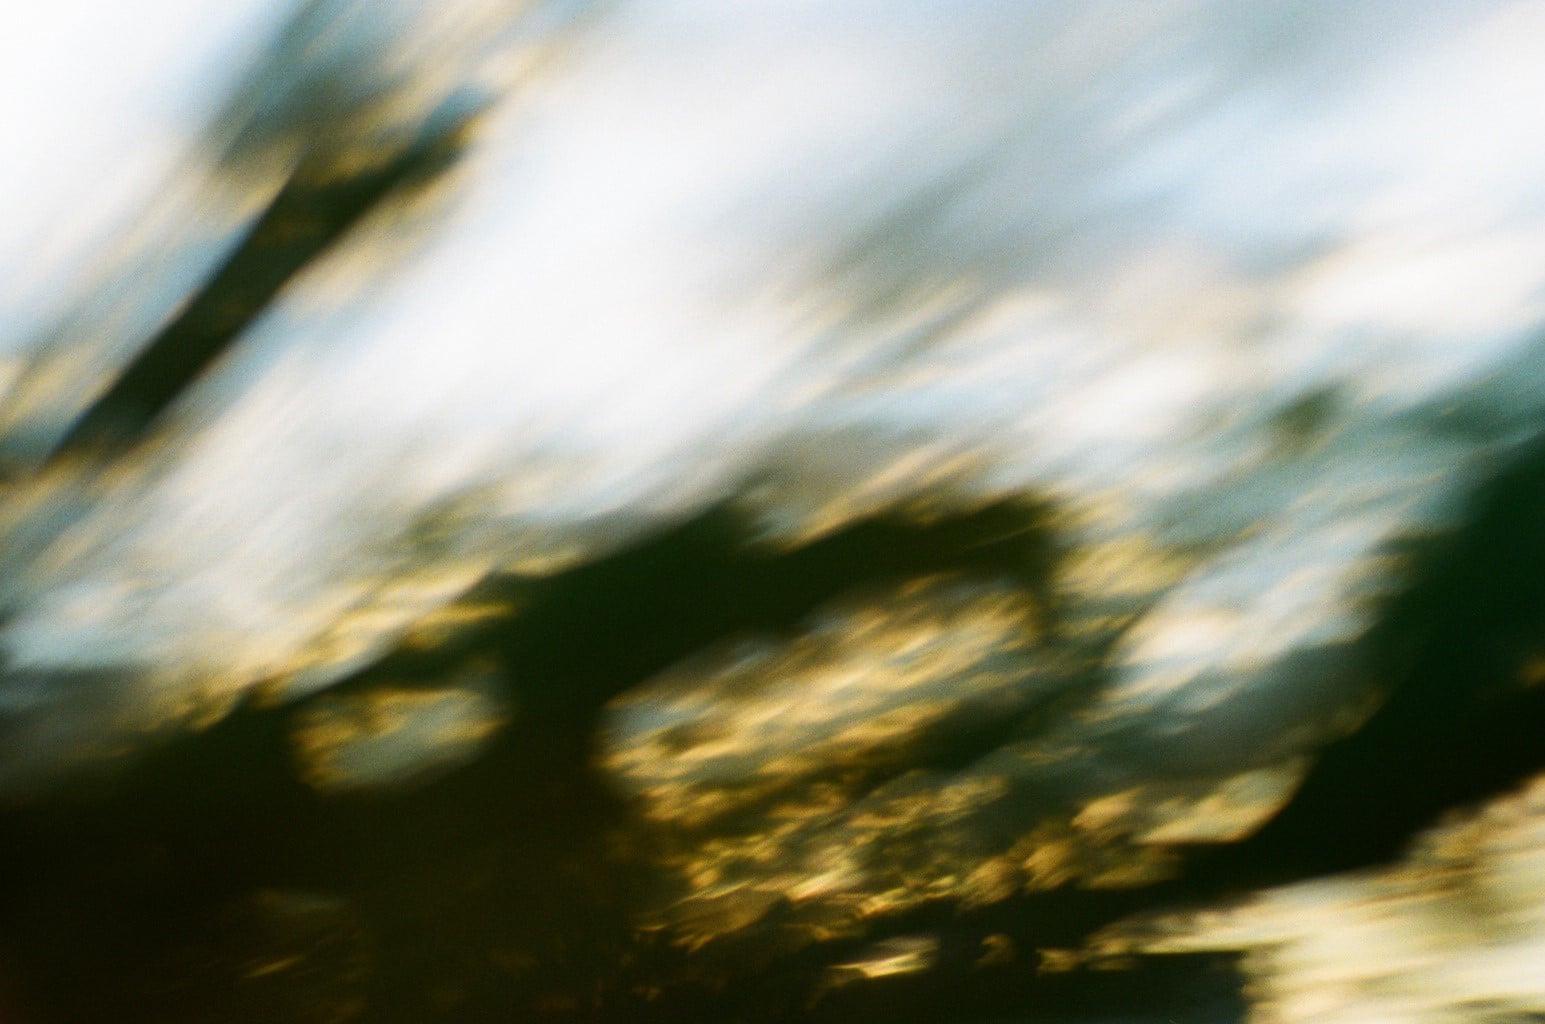 小雪イメージ 空と針葉樹